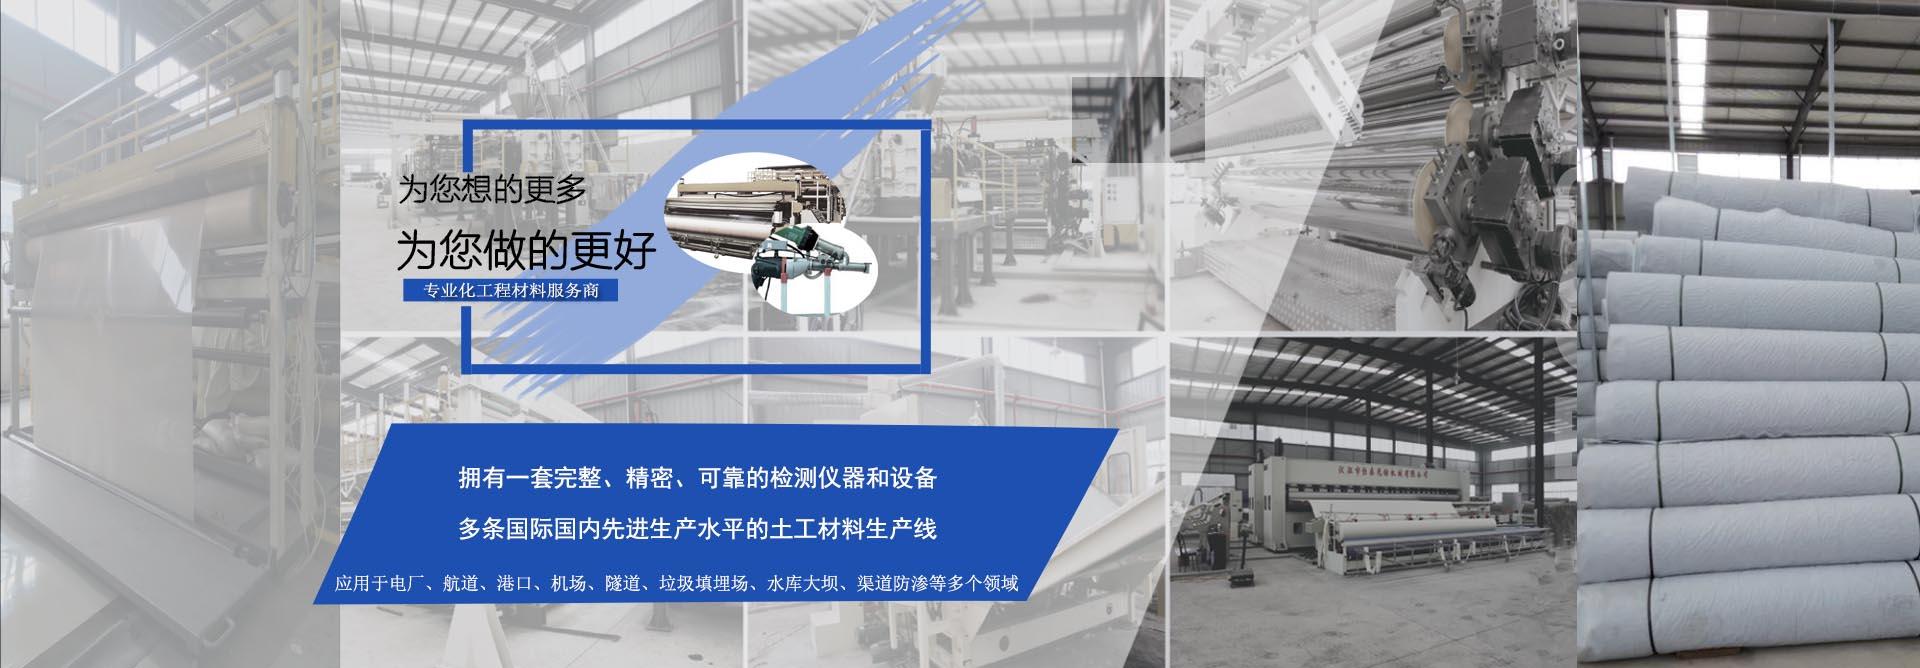 有需要玻纤土工格栅和成都防渗土工布的朋友欢迎咨询成都蜀道易工程材料有限公司。